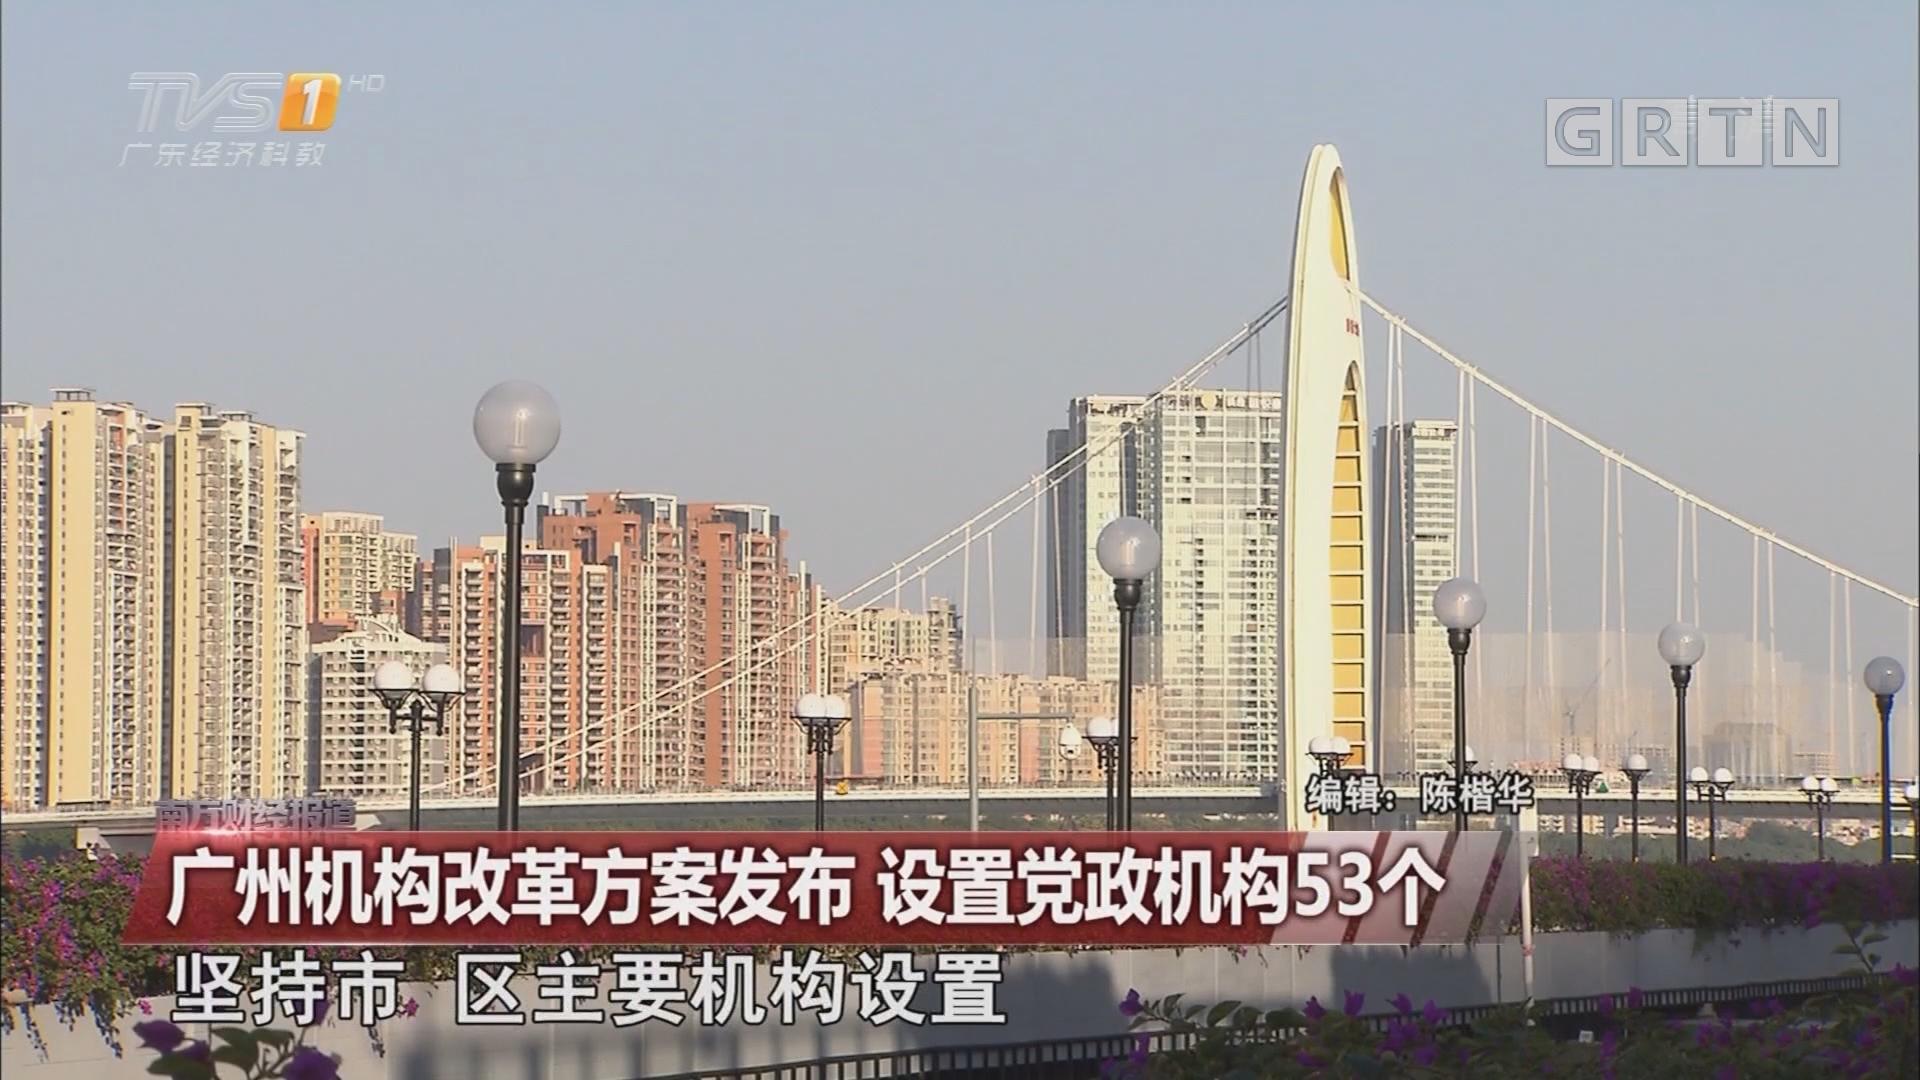 广州机构改革方案发布 设置党政机构53个